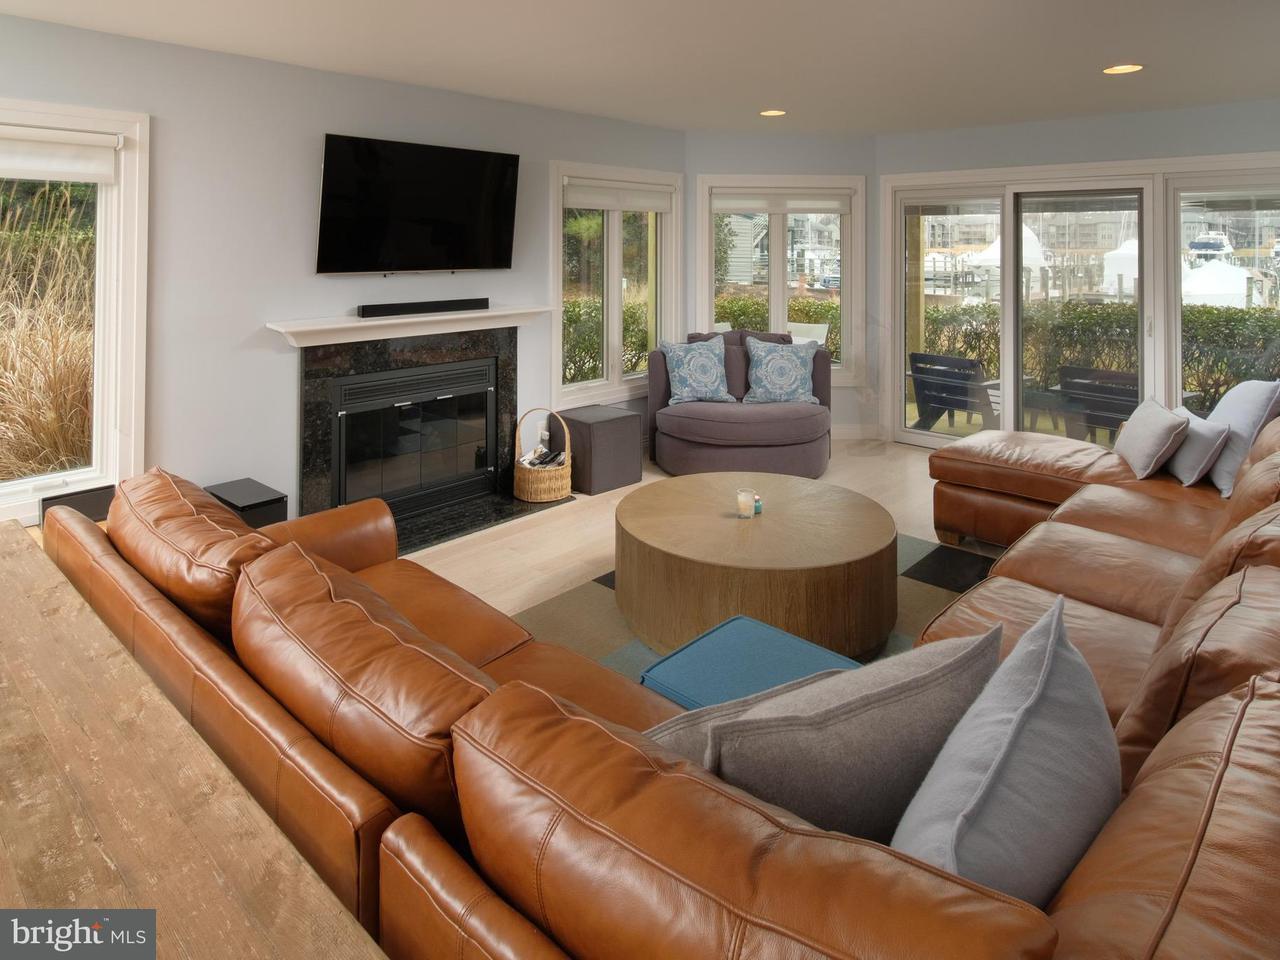 Condominium for Sale at 2112 Chesapeake Harbour Dr E #T-1 2112 Chesapeake Harbour Dr E #T-1 Annapolis, Maryland 21403 United States